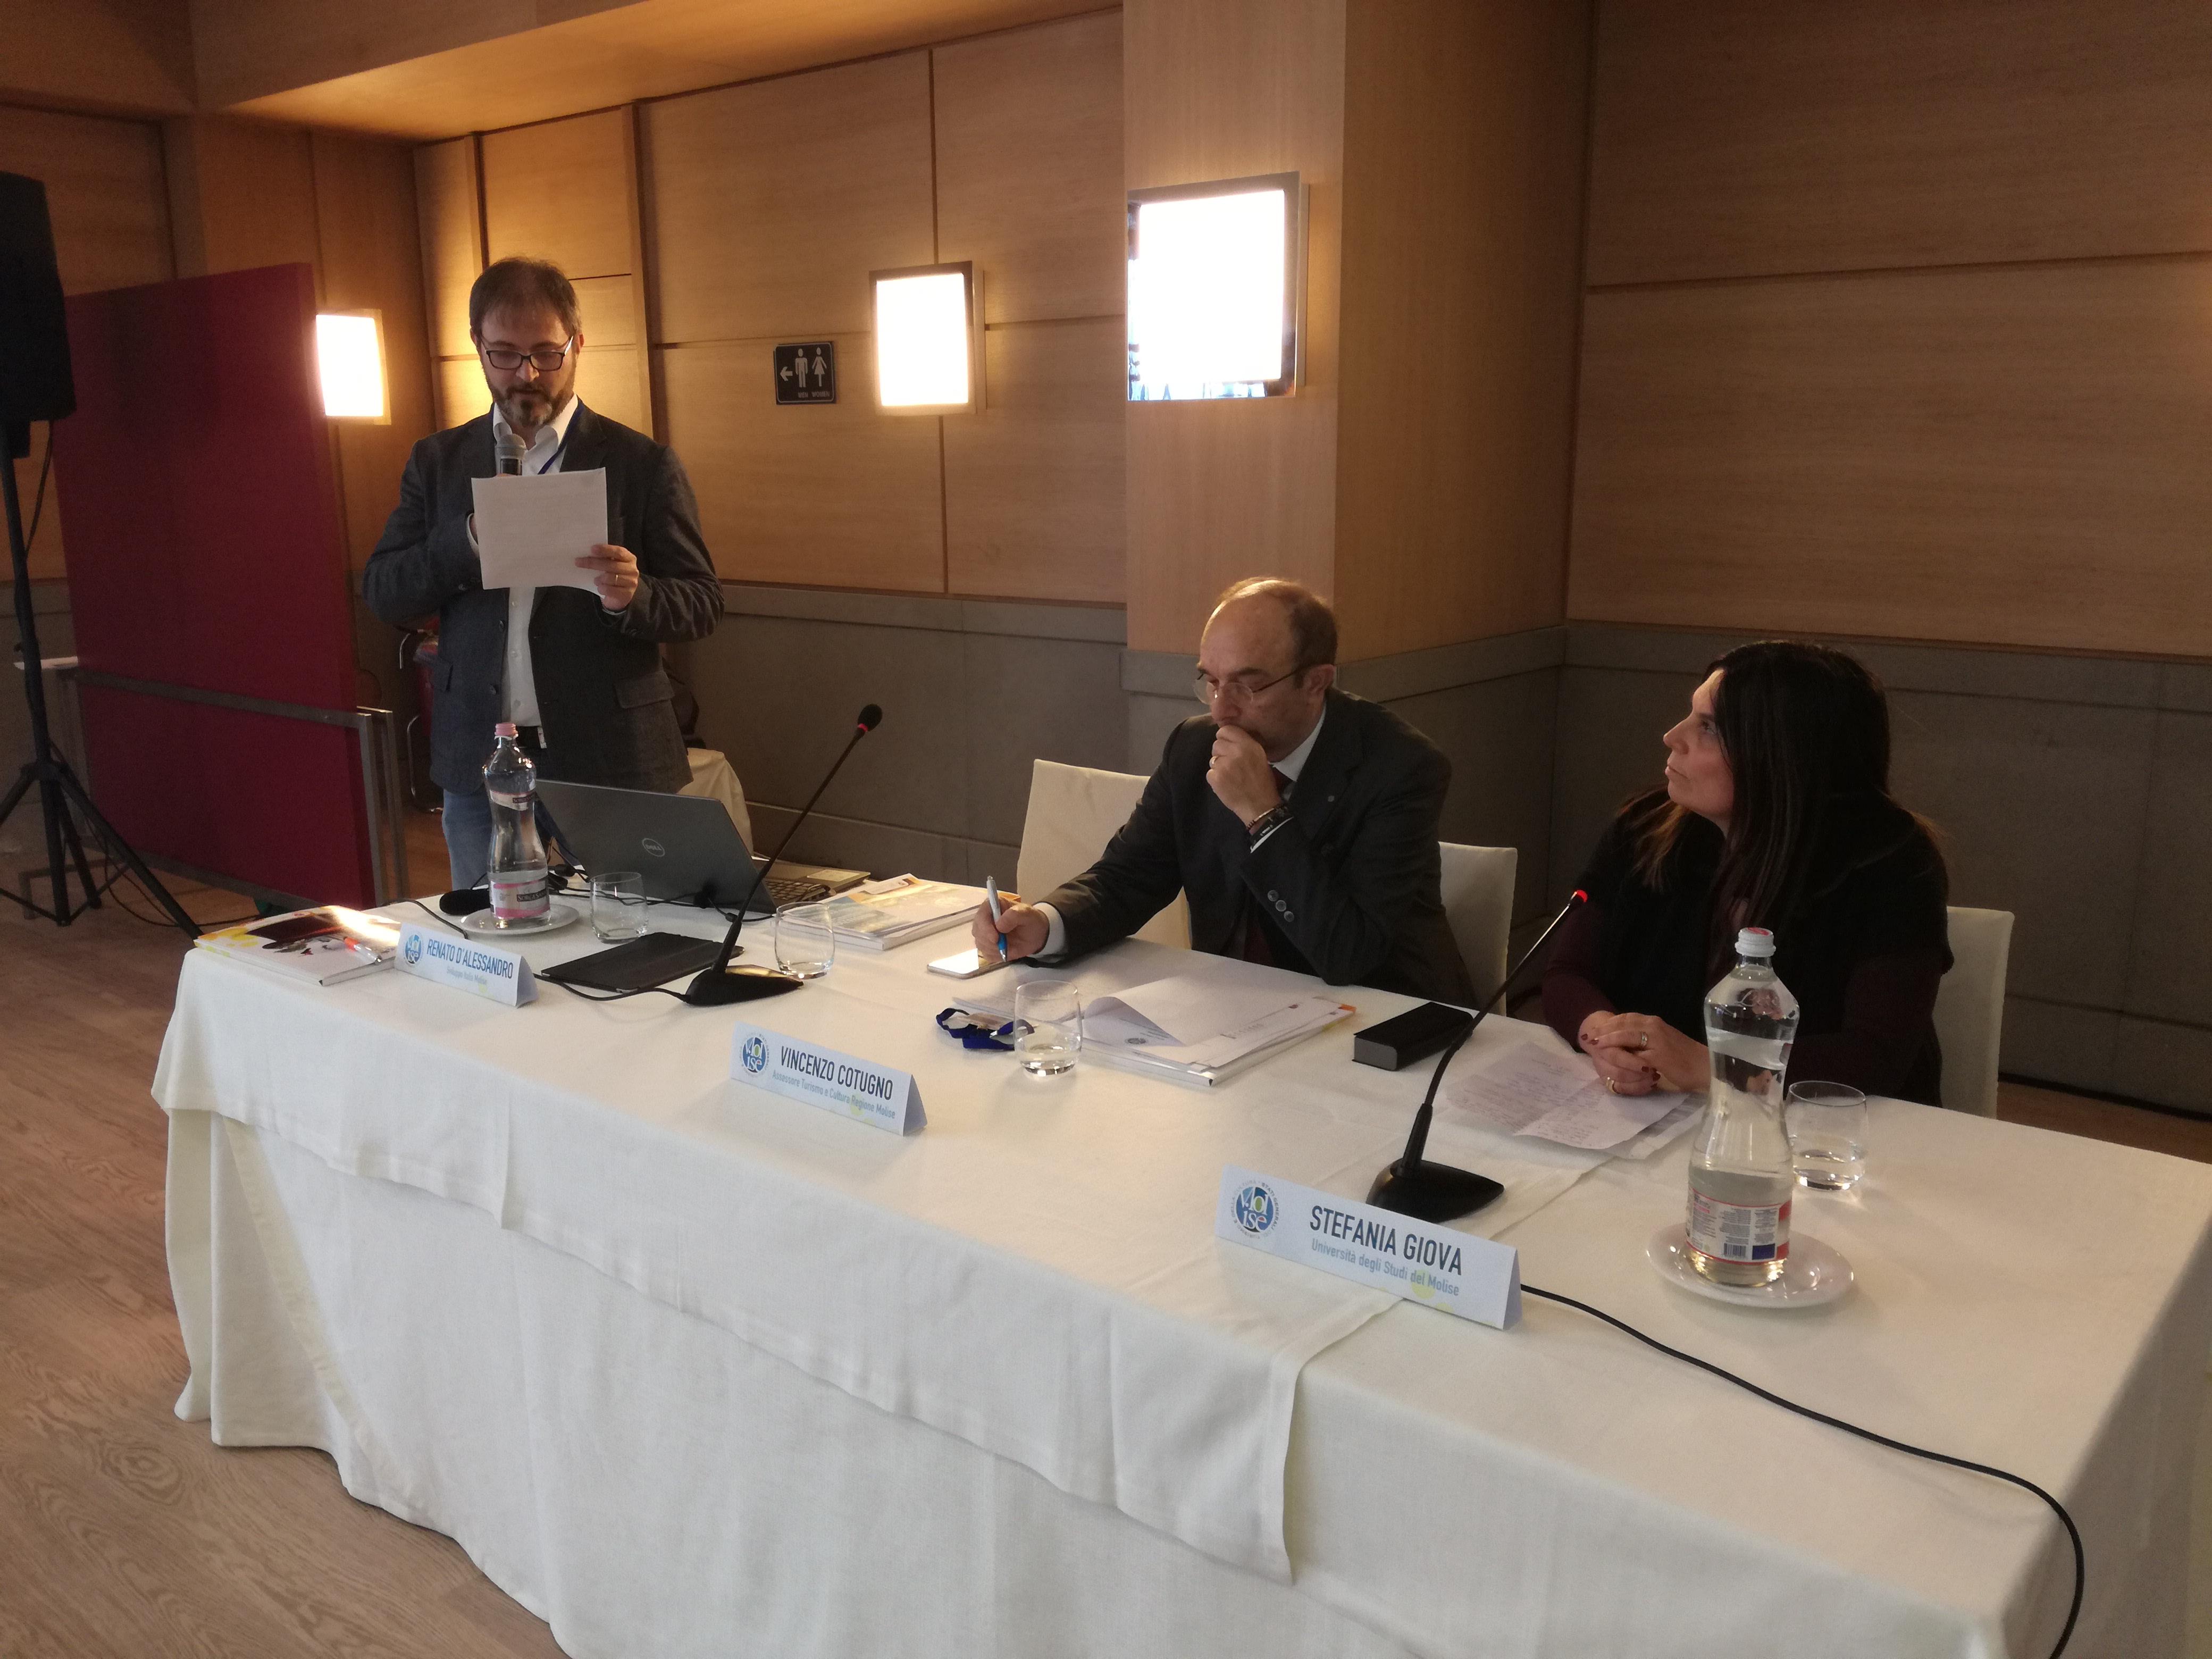 Pozzilli: Il Molise deve diventare una destinazione intelligente. Successo per il primo incontro degli Stati Generali del Turismo.